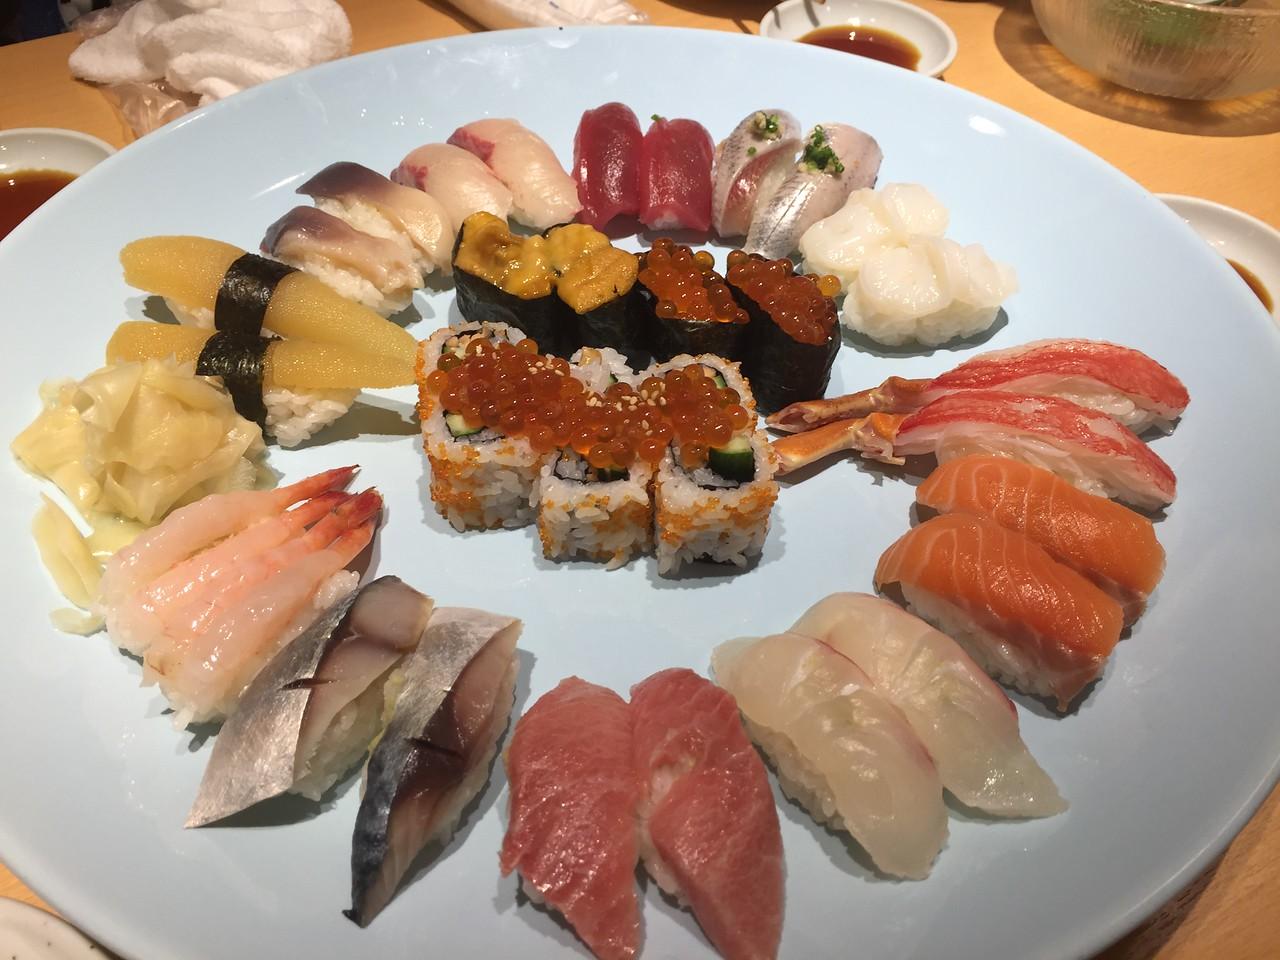 Sushi at a restaurant in Tsukji Market.